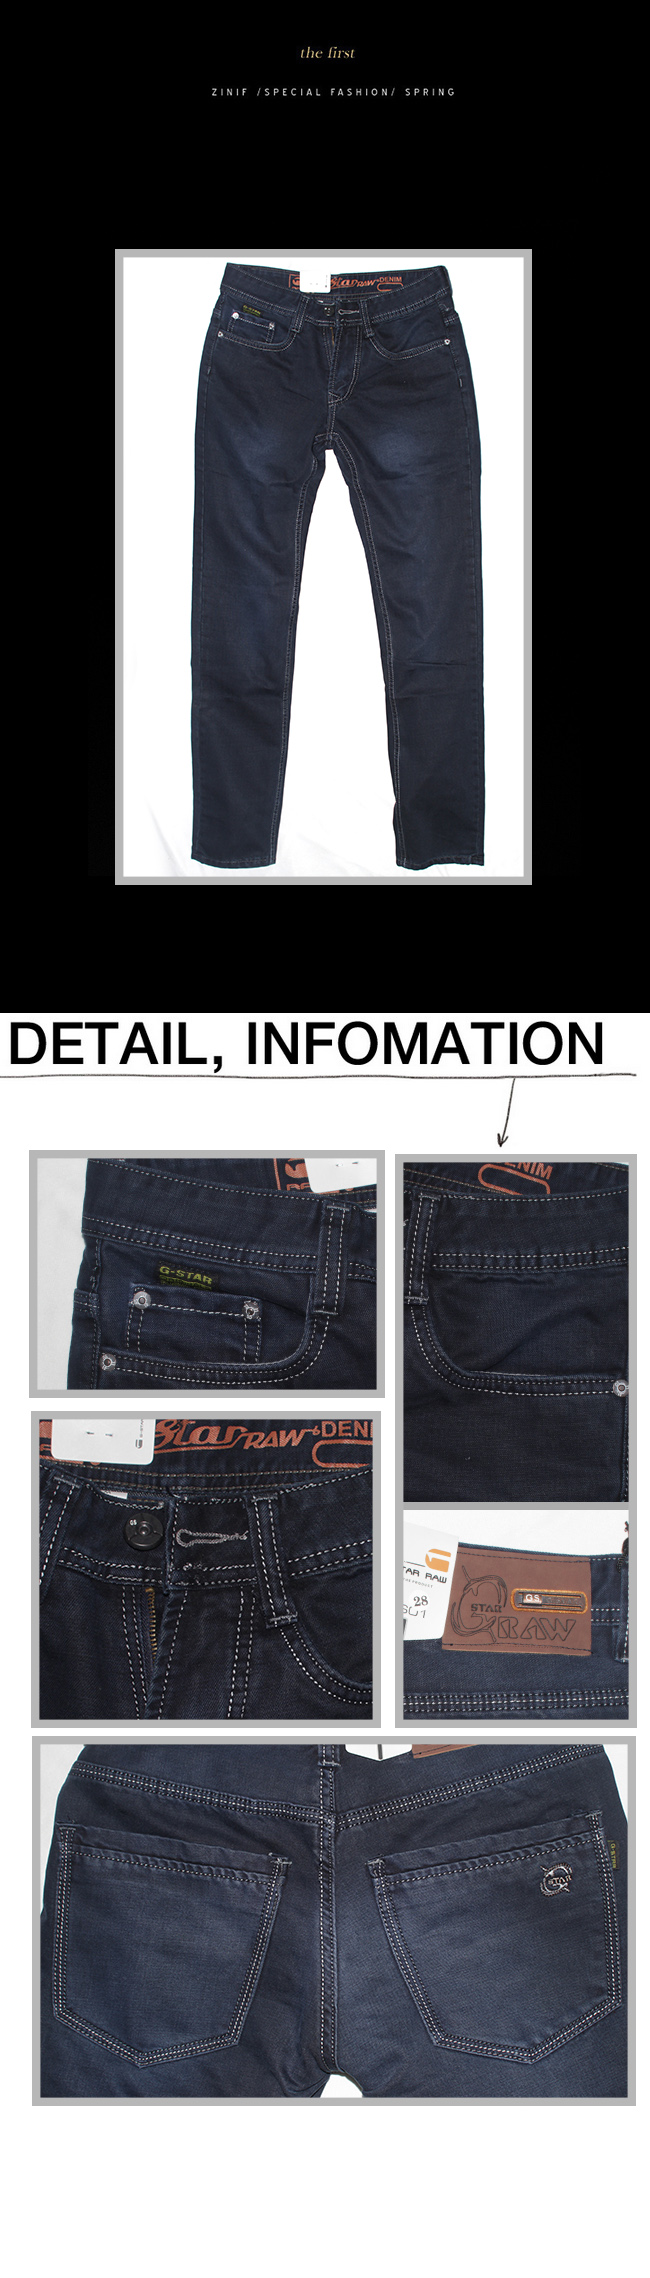 Quần jean ống đứng xanh đen qj1110 - 1